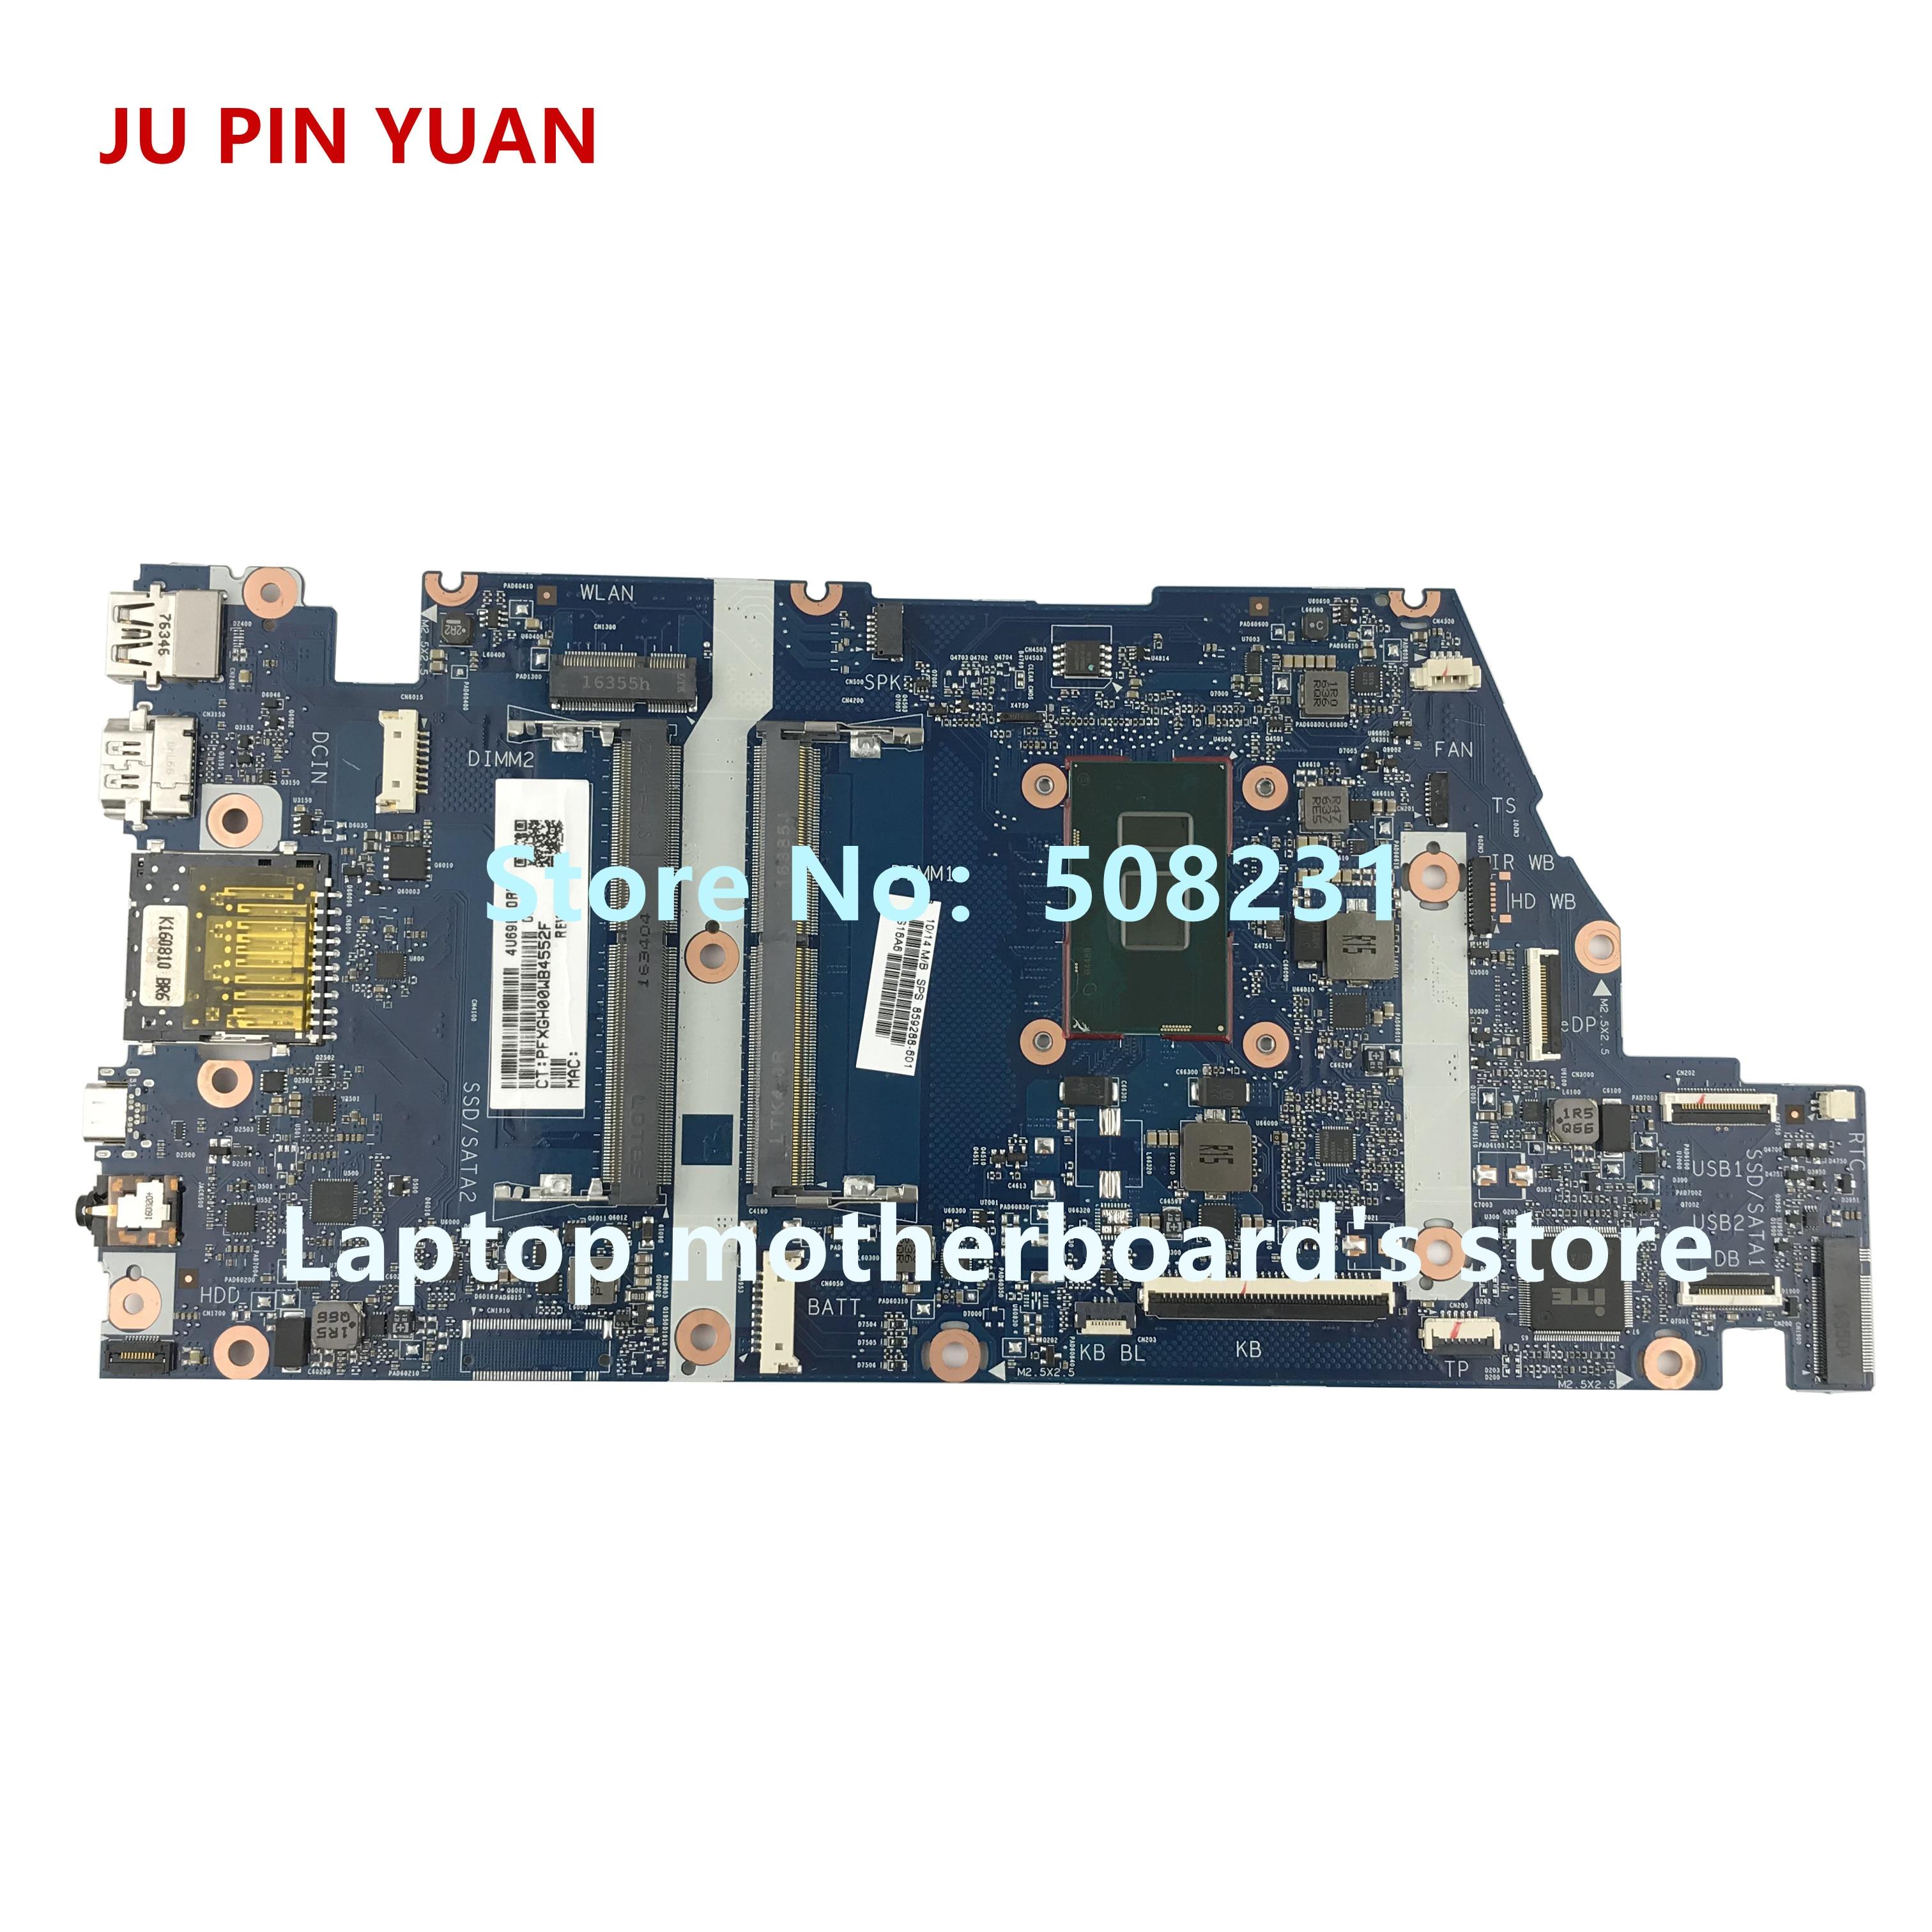 Ju pin Yuan 859288-601 placa madre para HP envidia cuaderno 15-como 15T-AS 15T-AS133CL placa base de computadora portátil con i7-7500U totalmente